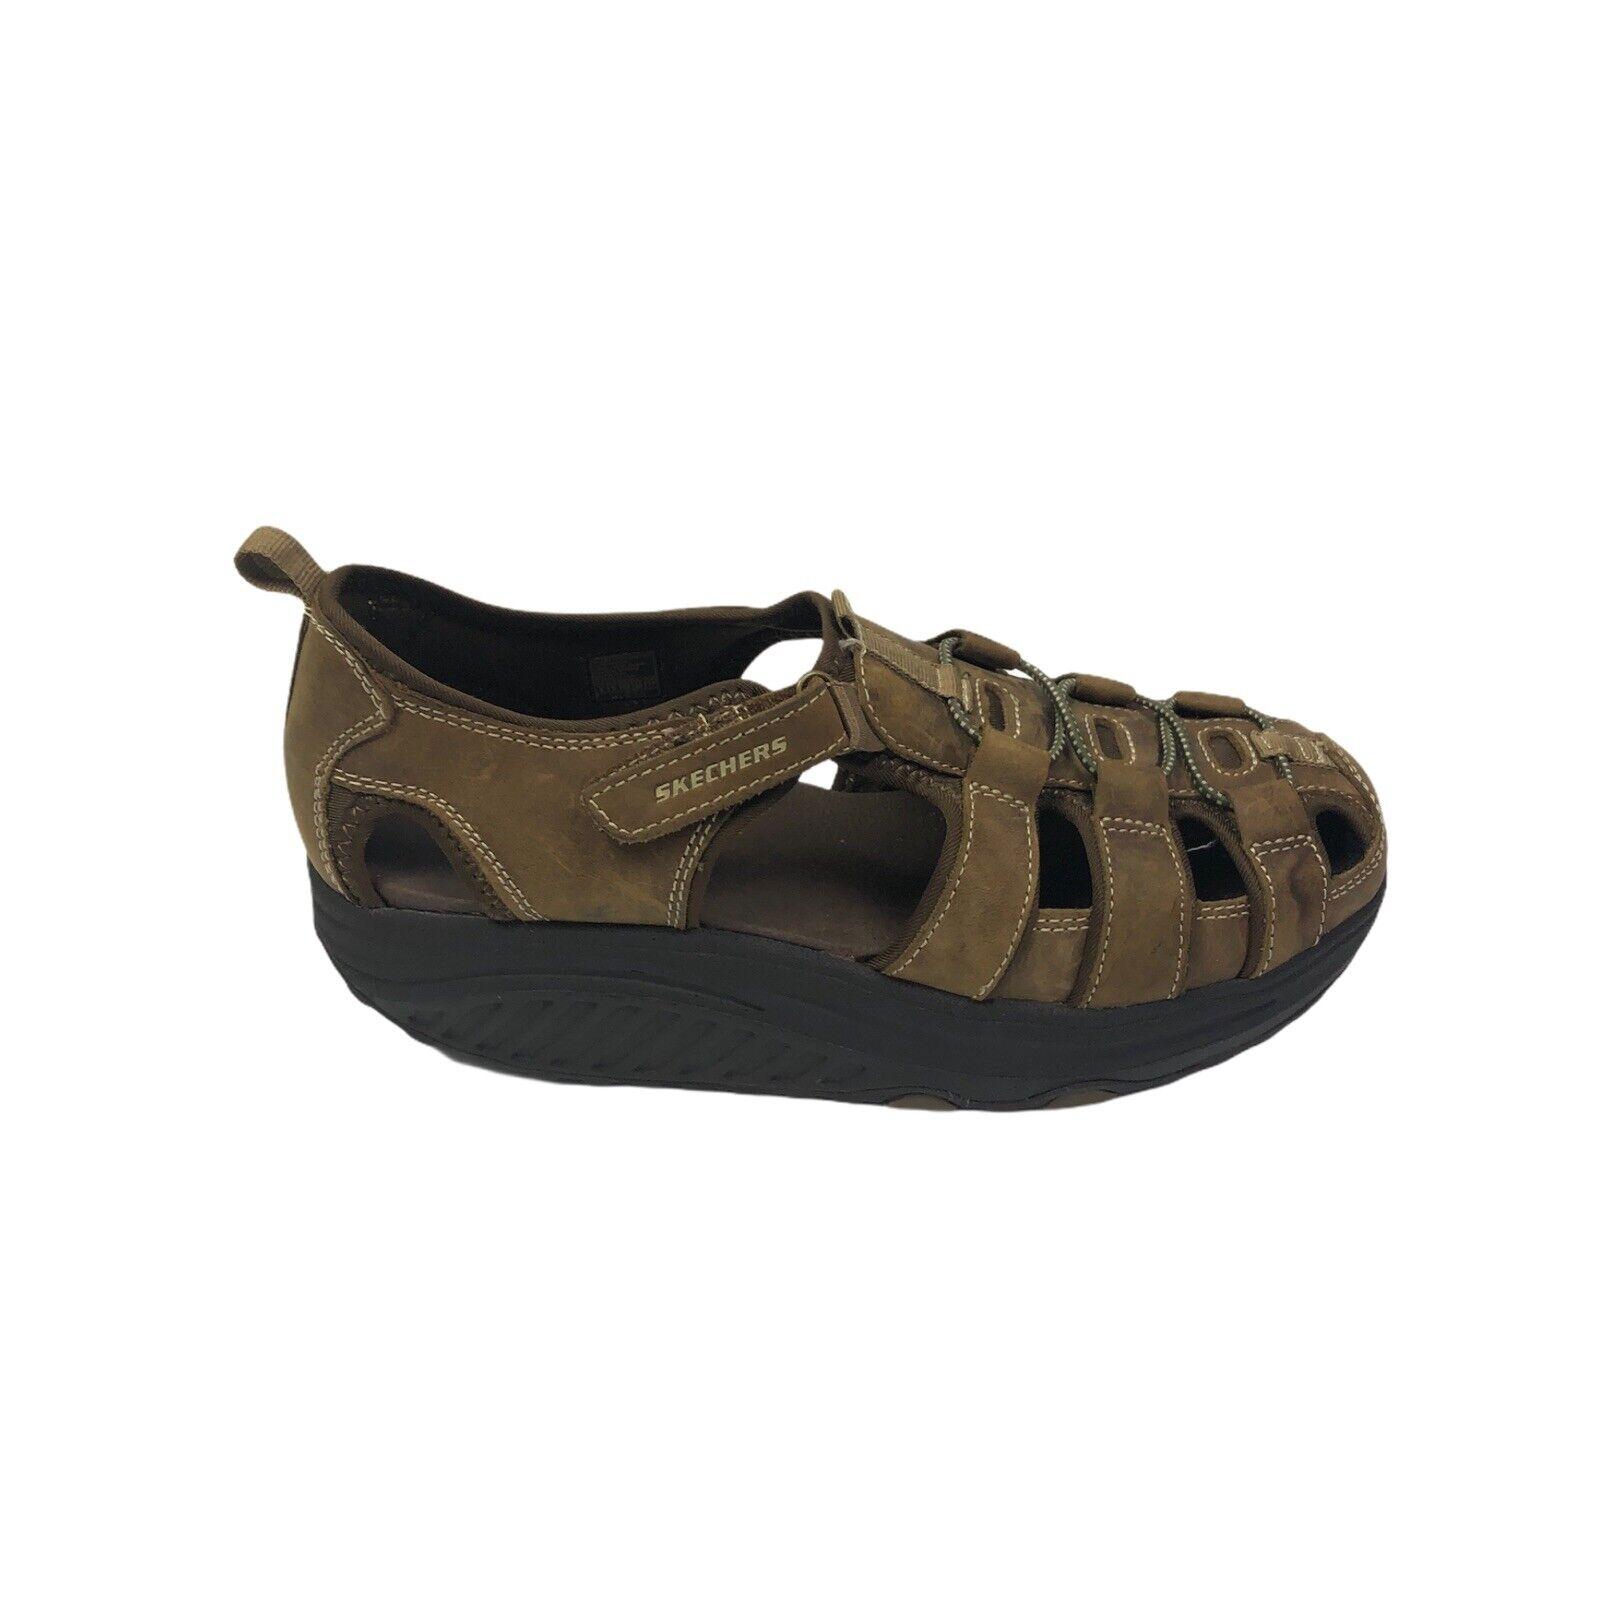 Skechers Shape ups Confort Pêcheur Sandales Tonifiant Cuir Marron Femme Taille 8